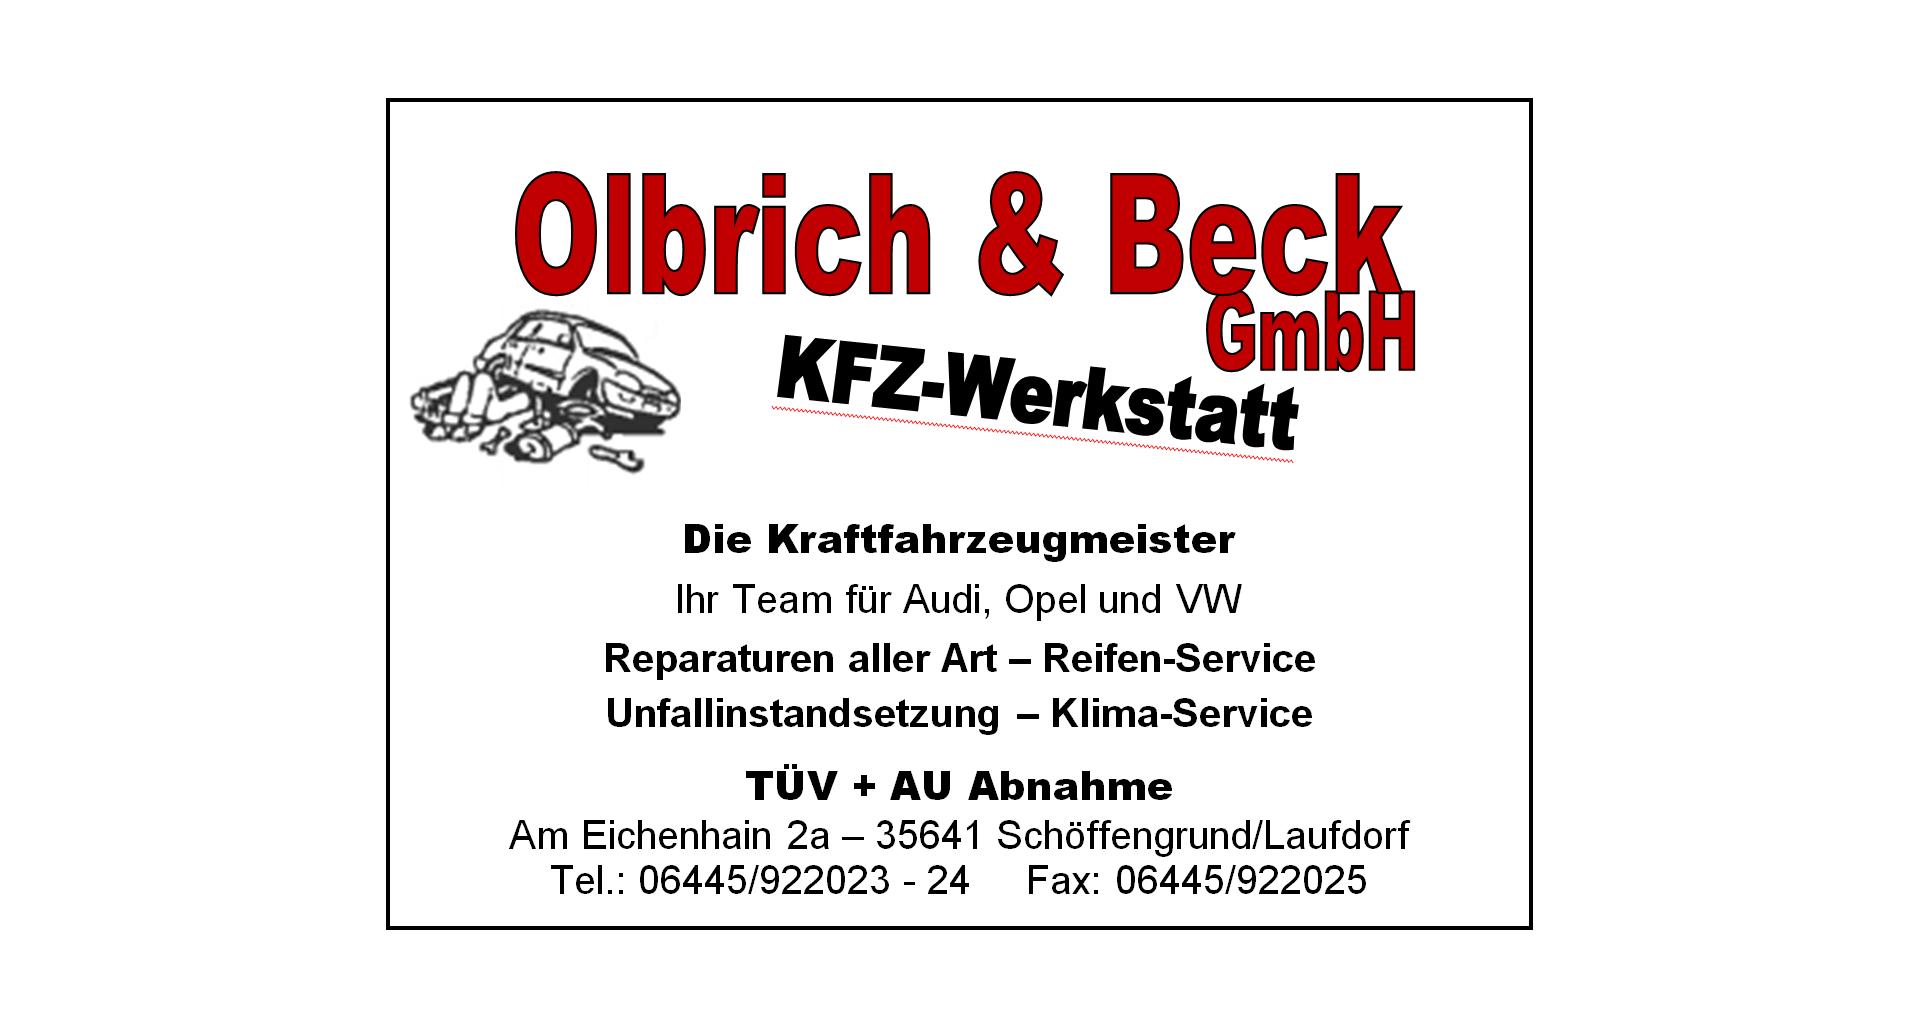 Olbrich & Beck GmbH KFZ Werkstatt